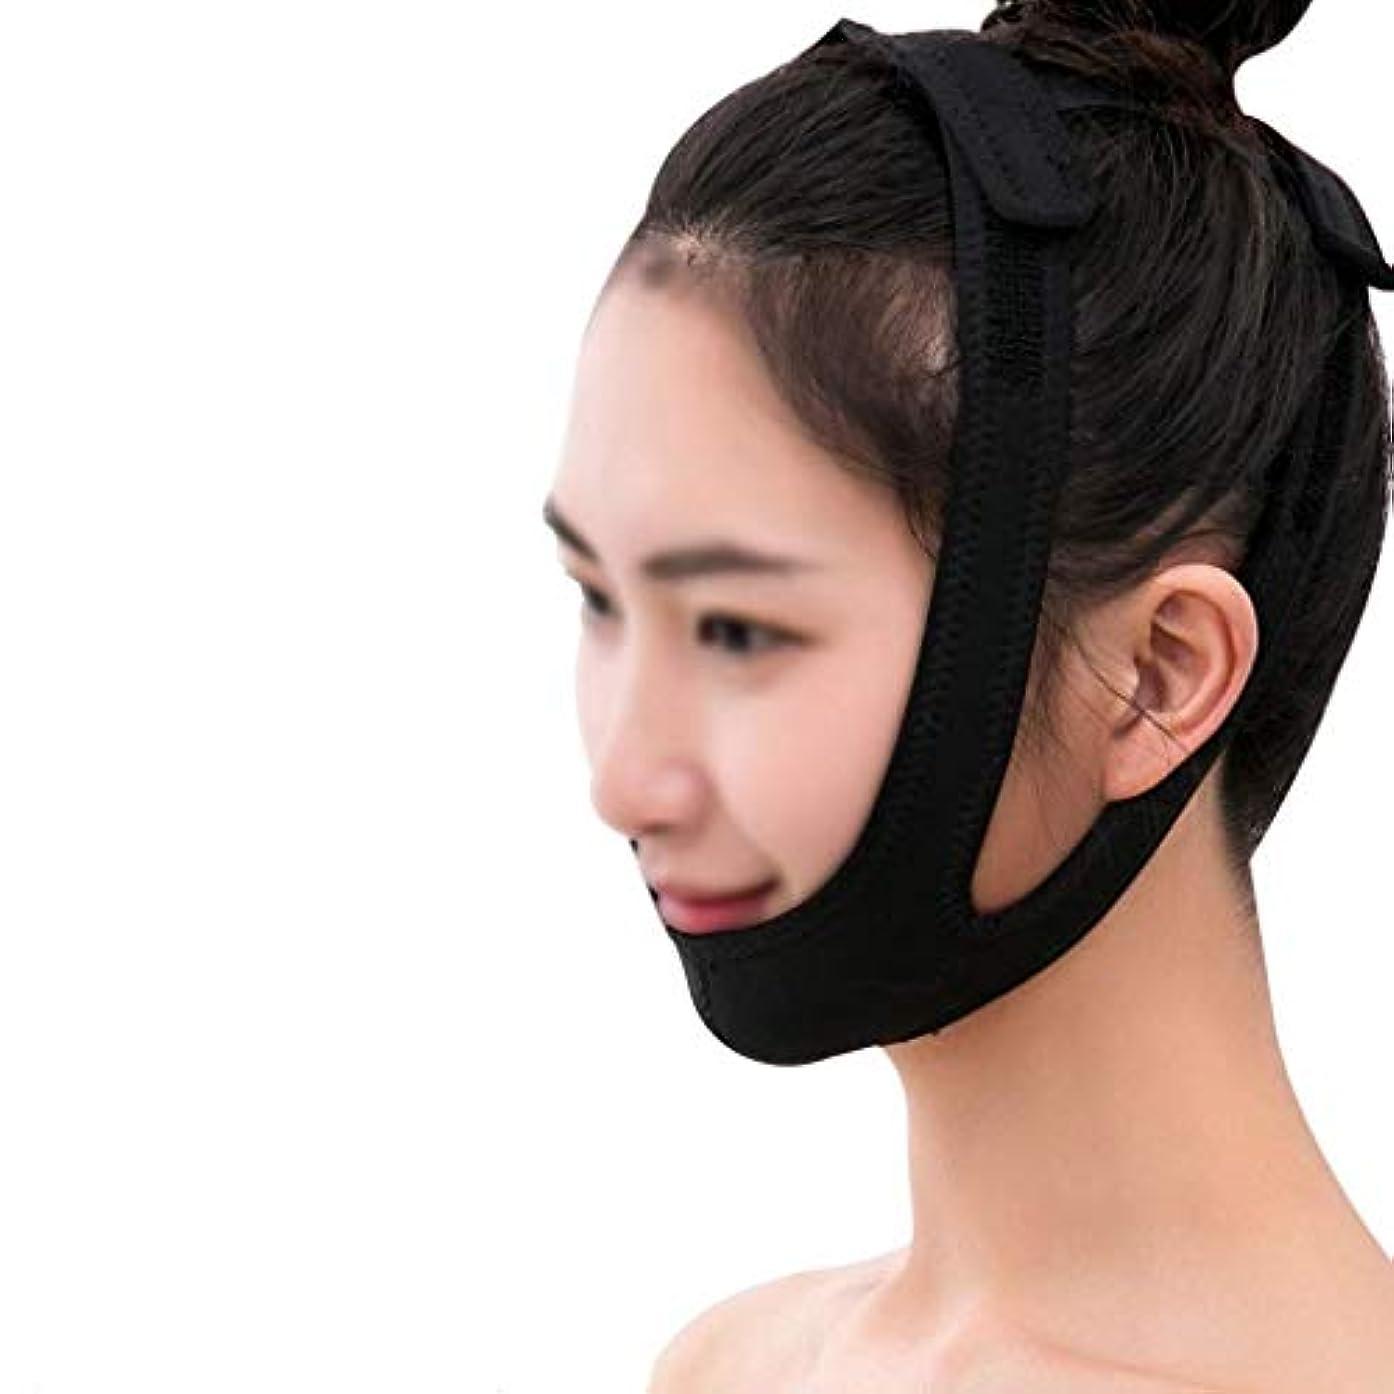 不振整理する哀フェイシャルリフティングマスク、医療用ワイヤーカービングリカバリーヘッドギアVフェイスバンデージダブルチンフェイスリフトマスク